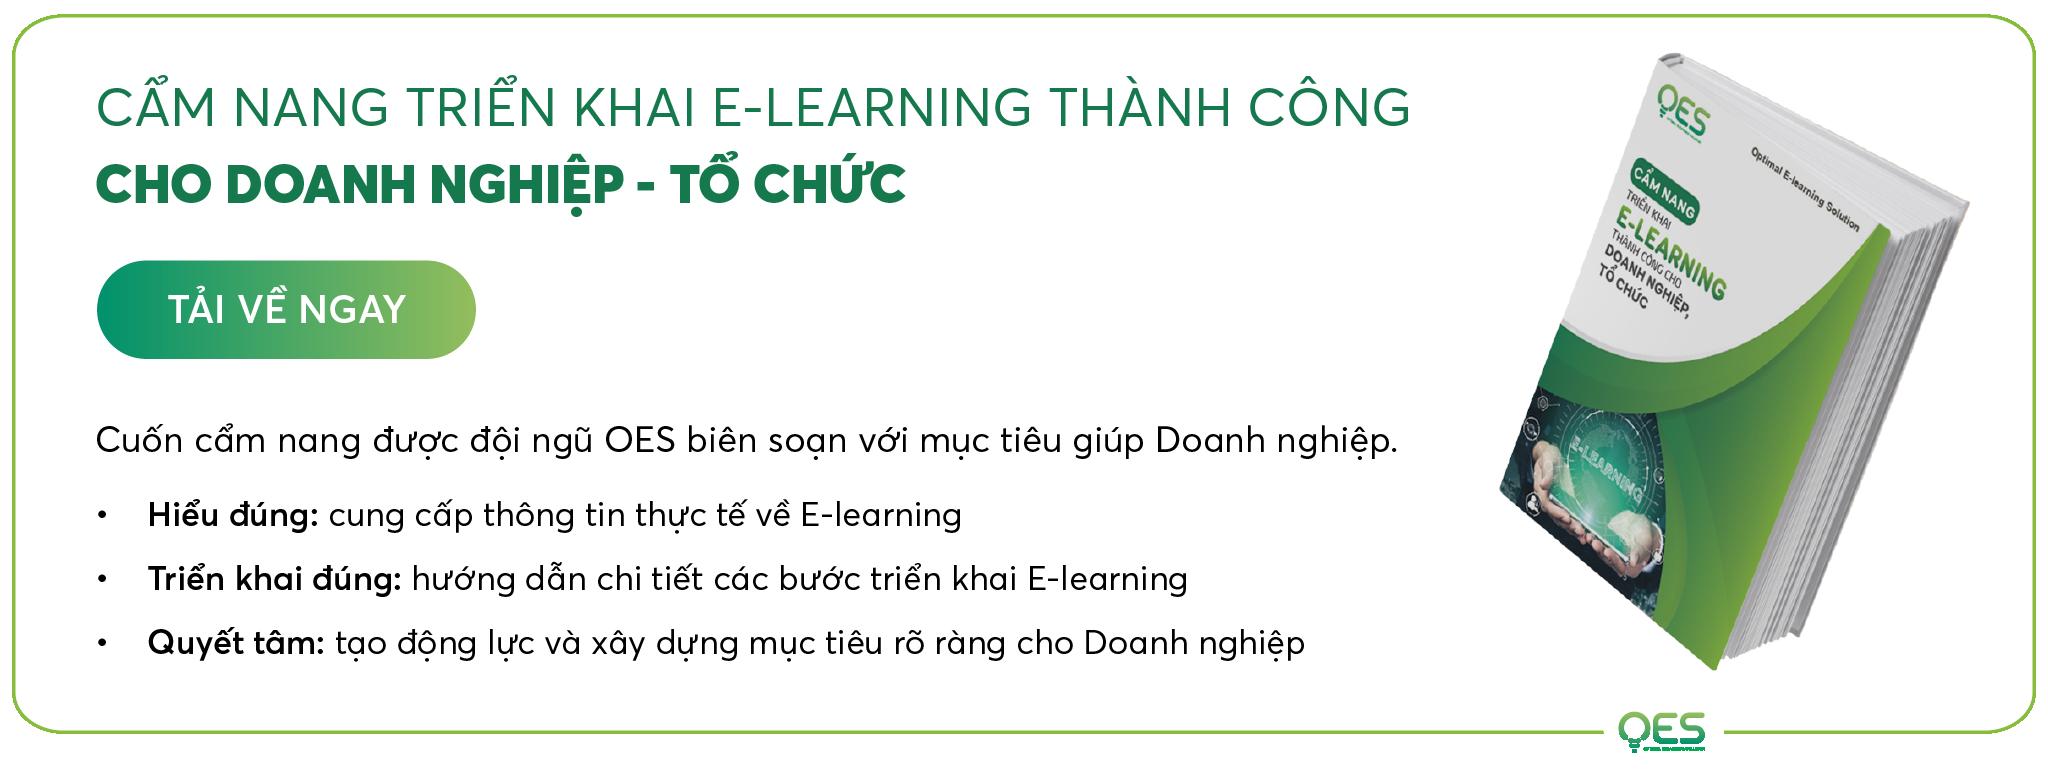 he-thong-lms-va-cac-cach-tich-hop-de-ho-tro-team-building